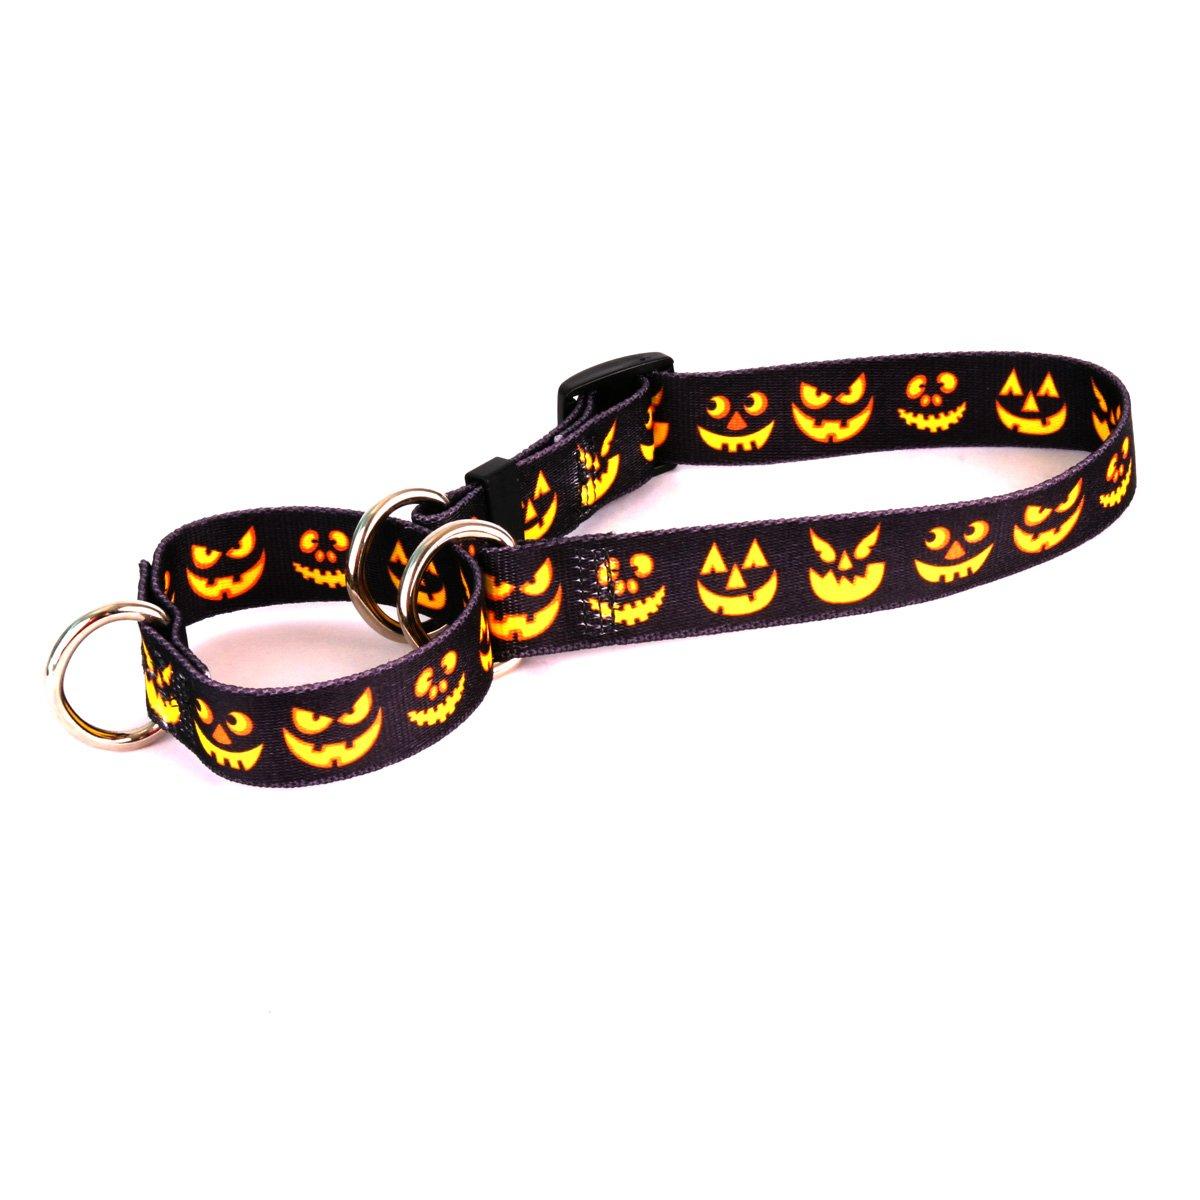 Jack O'Lantern Large 27\ Jack O'Lantern Large 27\ Yellow Dog Design Martingale Slip Collar, Jack O'Lantern, Large 27